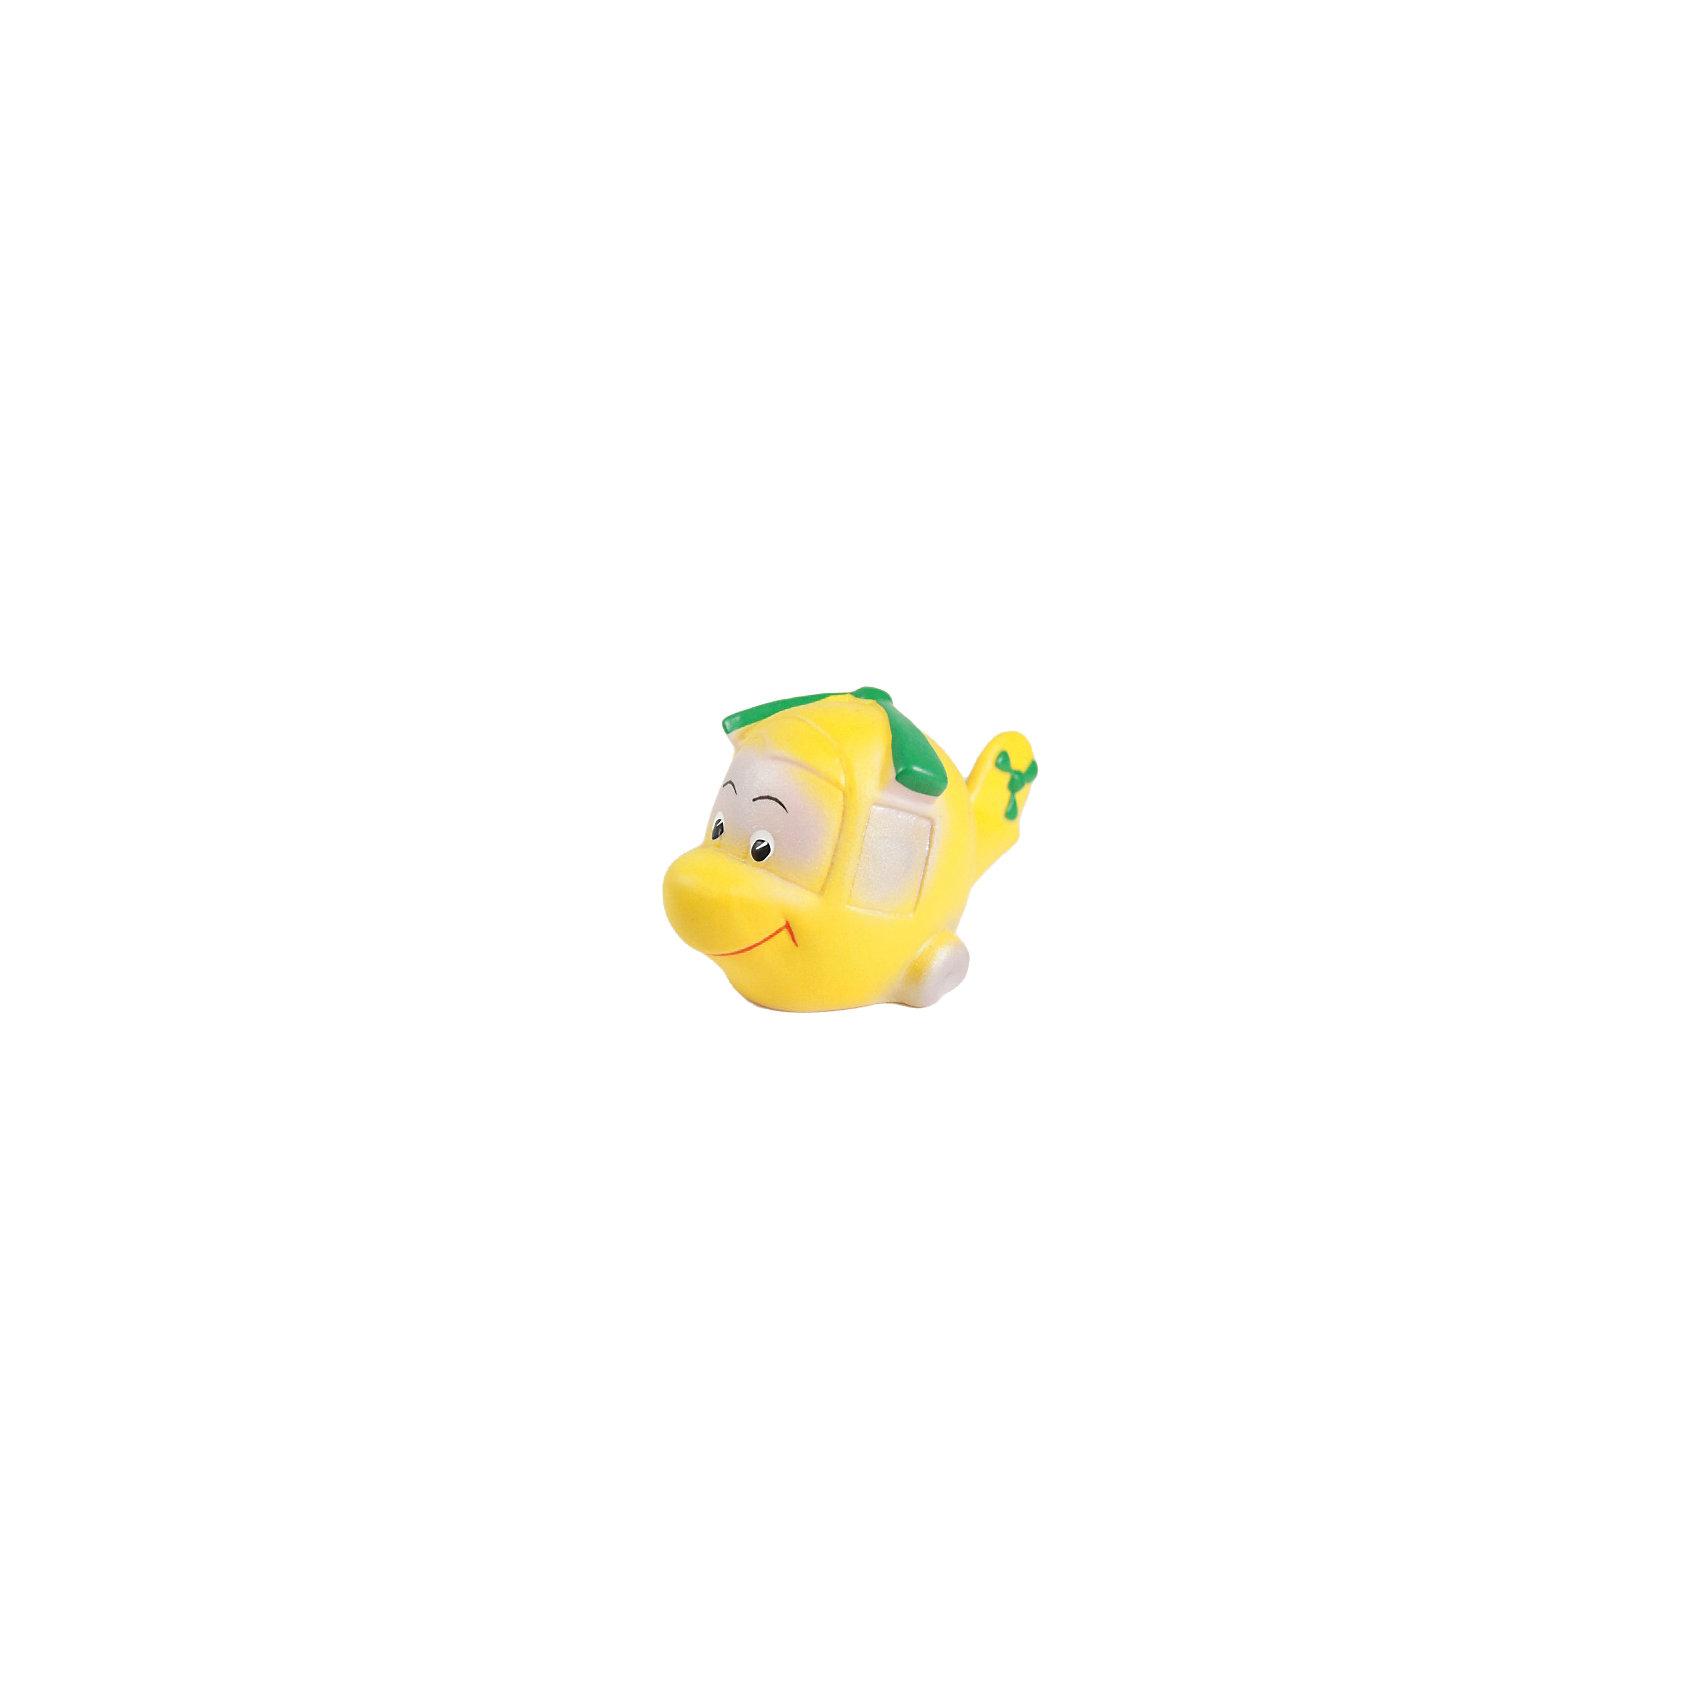 Вертолетик, КудесникиИгрушки для ванной<br>Вертолетик, Кудесники<br><br>Характеристики:<br><br>• Материал: ПВХ.<br>• Размер: 7 см.<br><br>Отличная игрушка из мягкого ПВХ надолго займет внимание вашего малыша. Эта игрушка поможет малышу при прорезывании зубов, поможет развивать моторику рук, знакомить с формой, цветом, образами также с ней можно забавно поиграть в ванной. Яркий образ вертолетика поможет ребенку придумывать различные сюжетно-ролевые игры.<br><br>Вертолетик, Кудесники, можно купить в нашем интернет – магазине.<br><br>Ширина мм: 70<br>Глубина мм: 30<br>Высота мм: 70<br>Вес г: 60<br>Возраст от месяцев: 12<br>Возраст до месяцев: 36<br>Пол: Унисекс<br>Возраст: Детский<br>SKU: 4896462